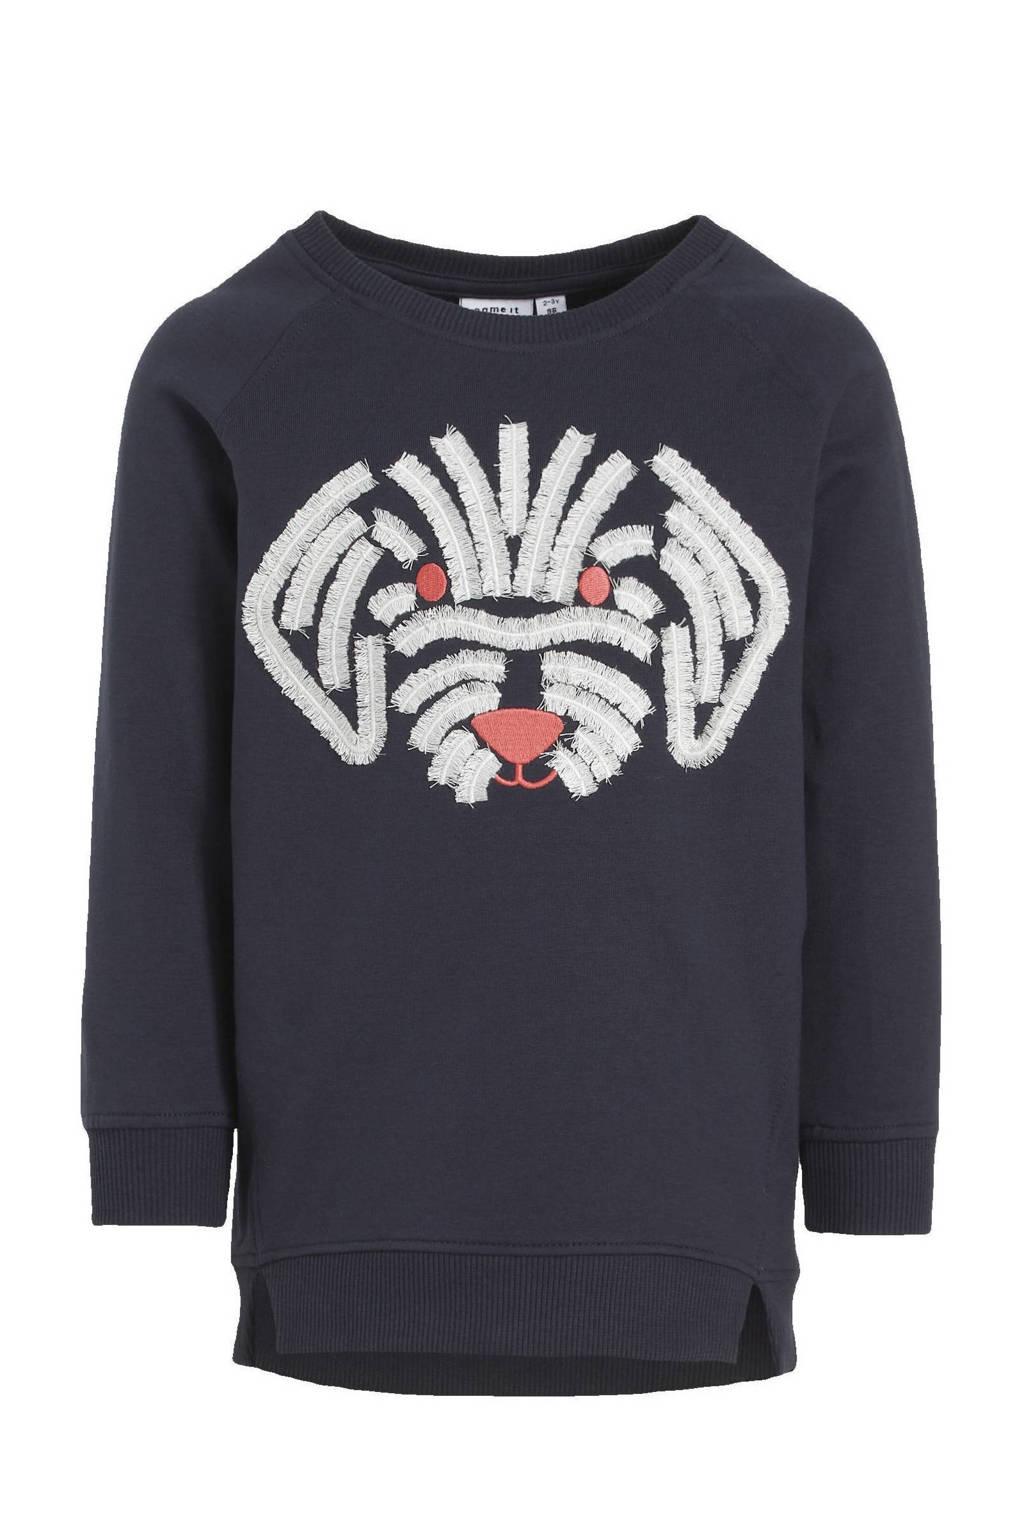 NAME IT MINI trui Tolli met biologisch katoen donkerblauw/wit/rood, Donkerblauw/wit/rood